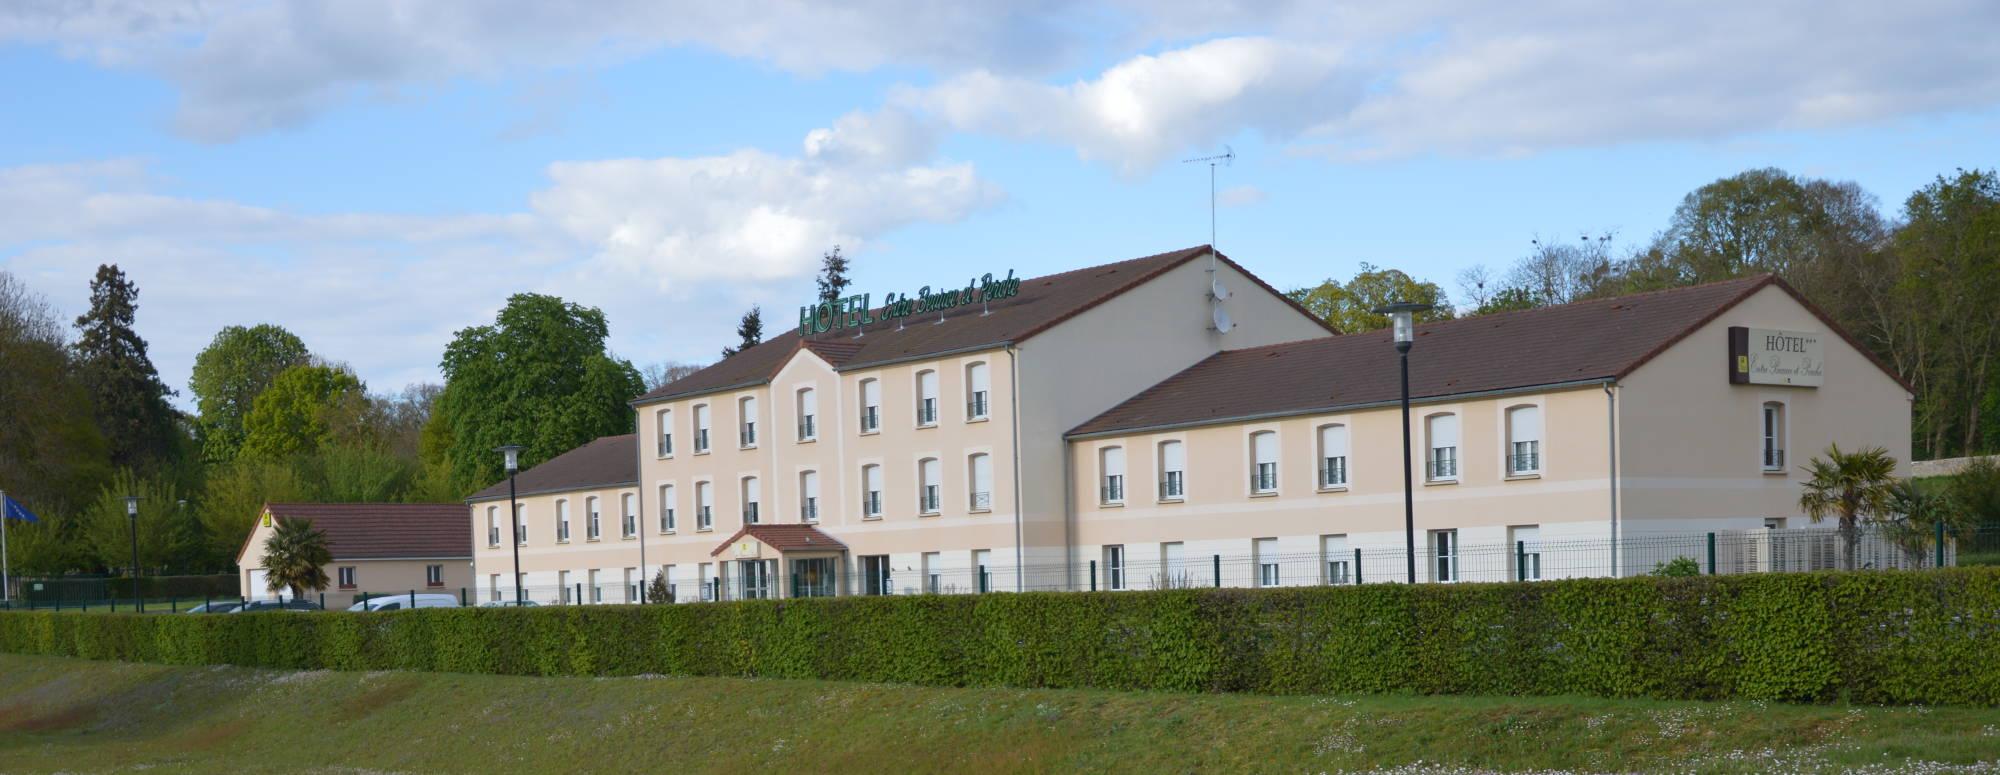 Hôtel Chateaudun Logis 3 étoiles